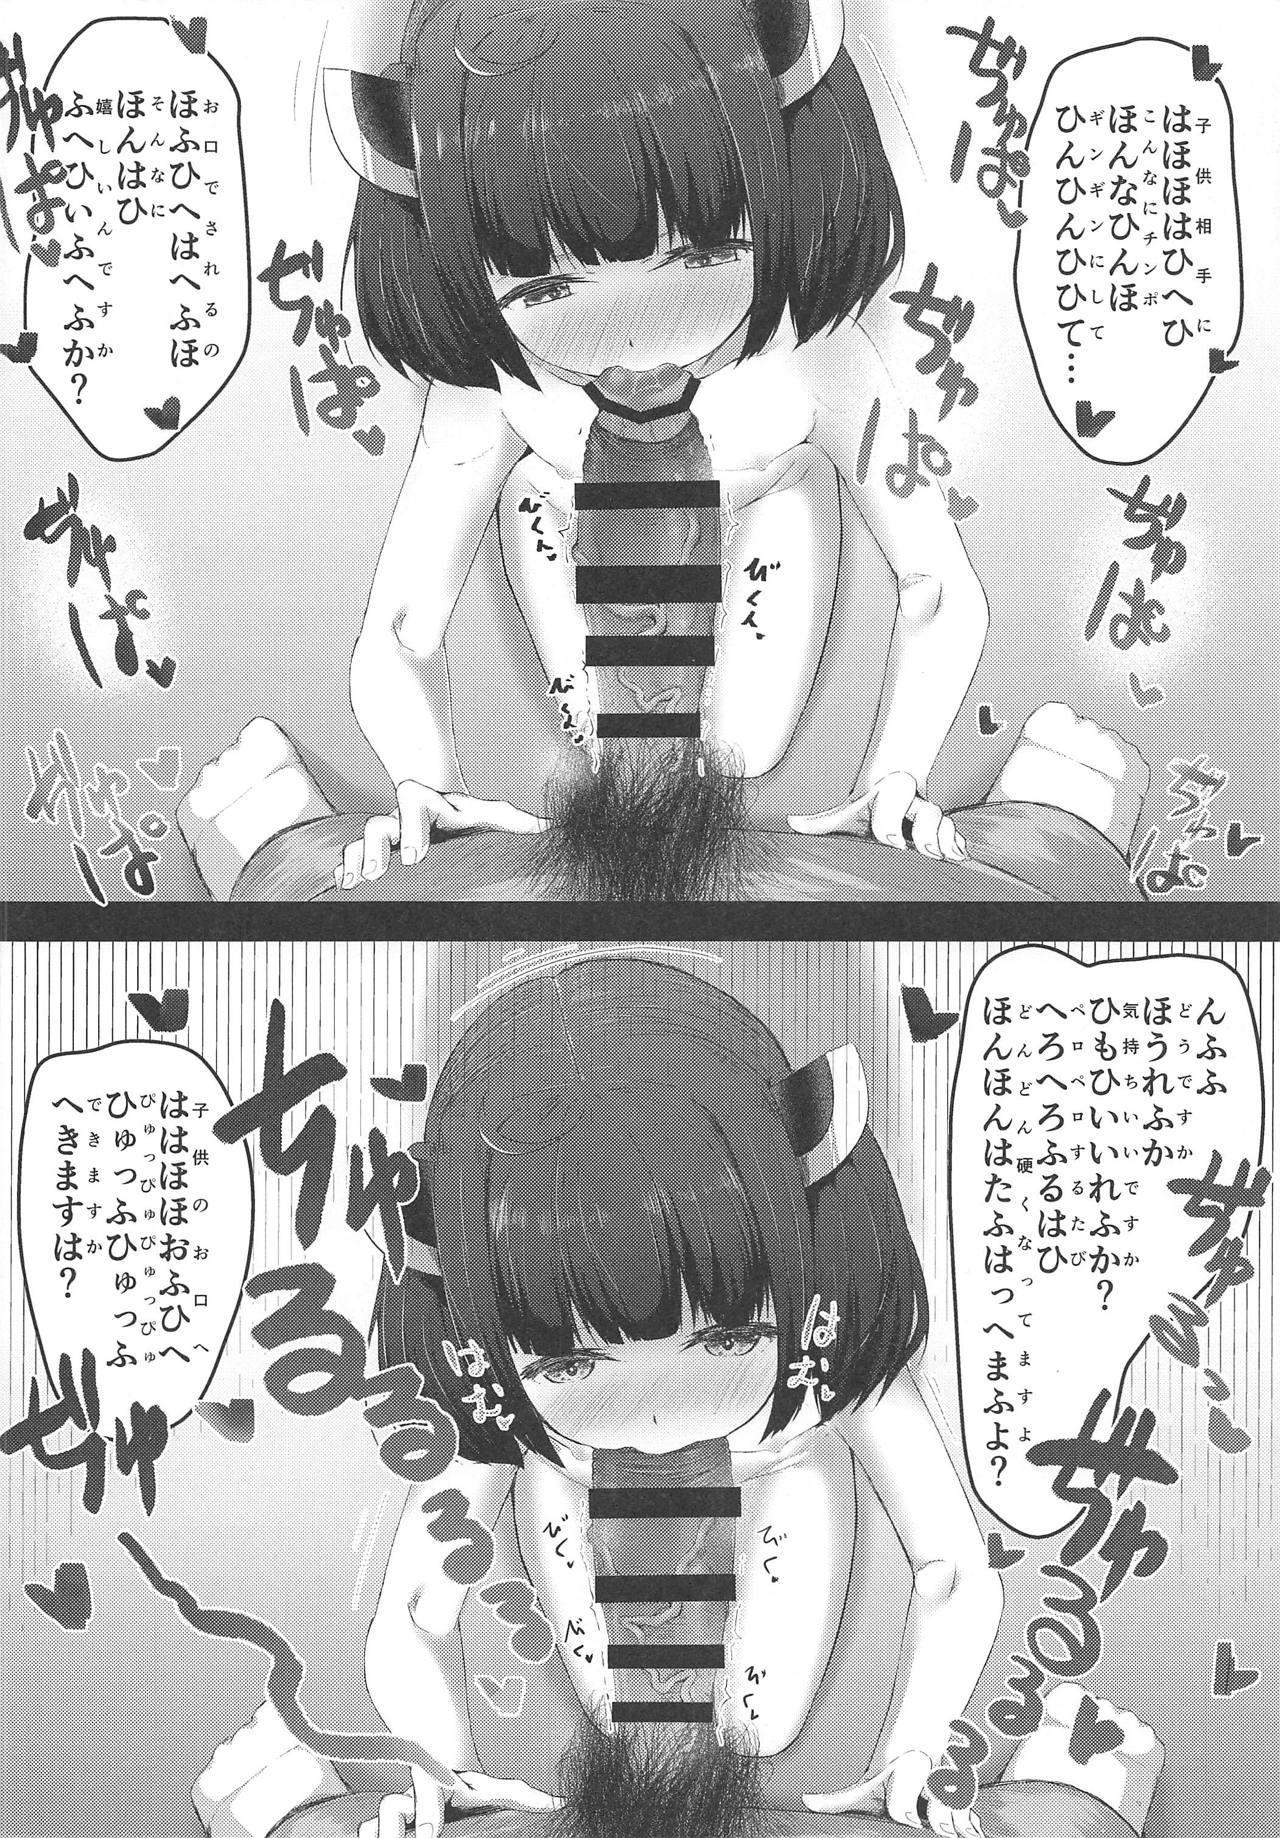 Itsumo no Naka ni Aru Nichijou 6